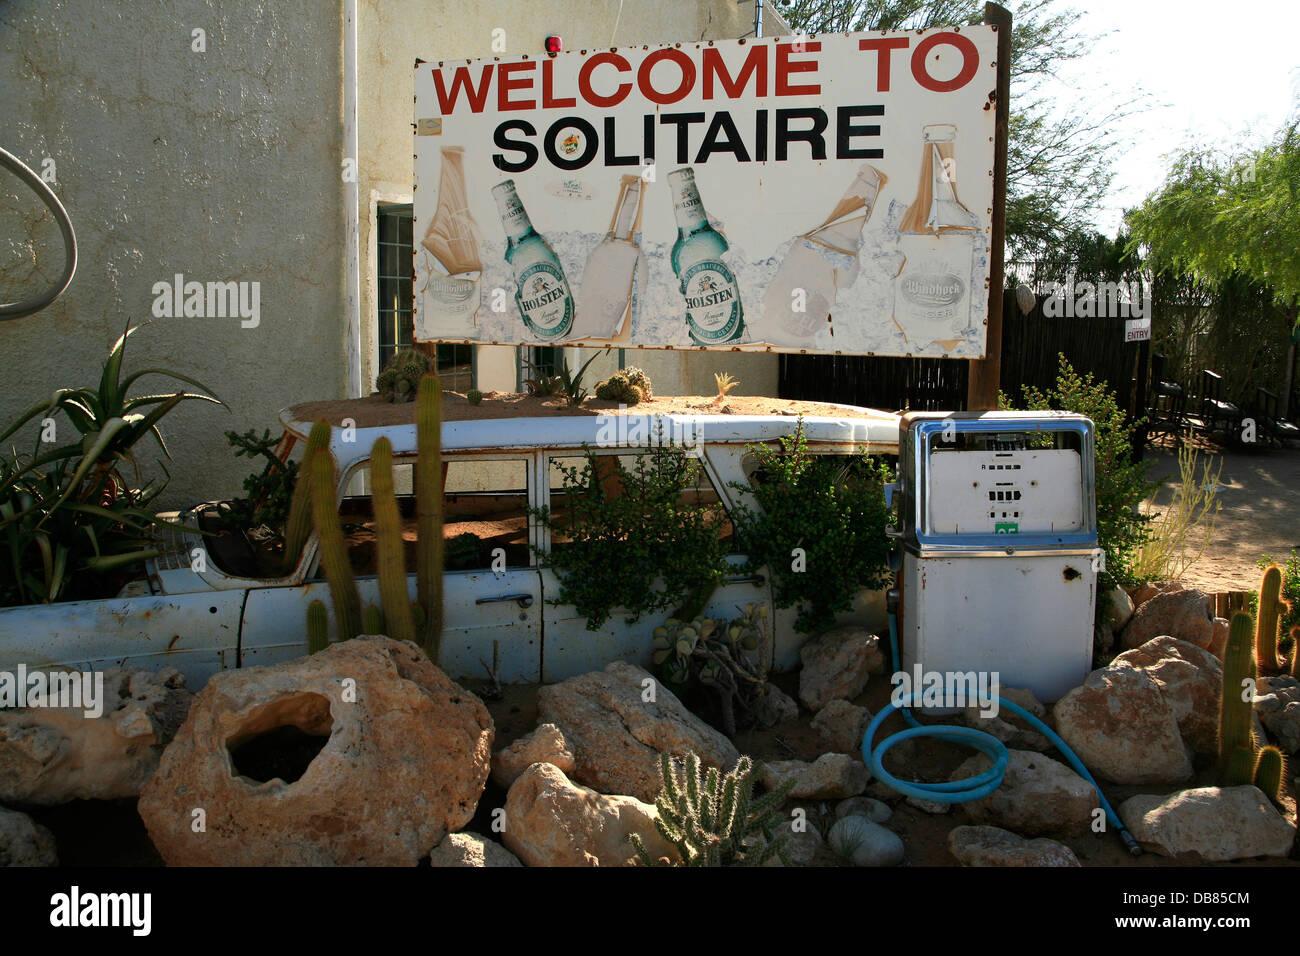 Descendre station essence, Solitaire, en Namibie Photo Stock